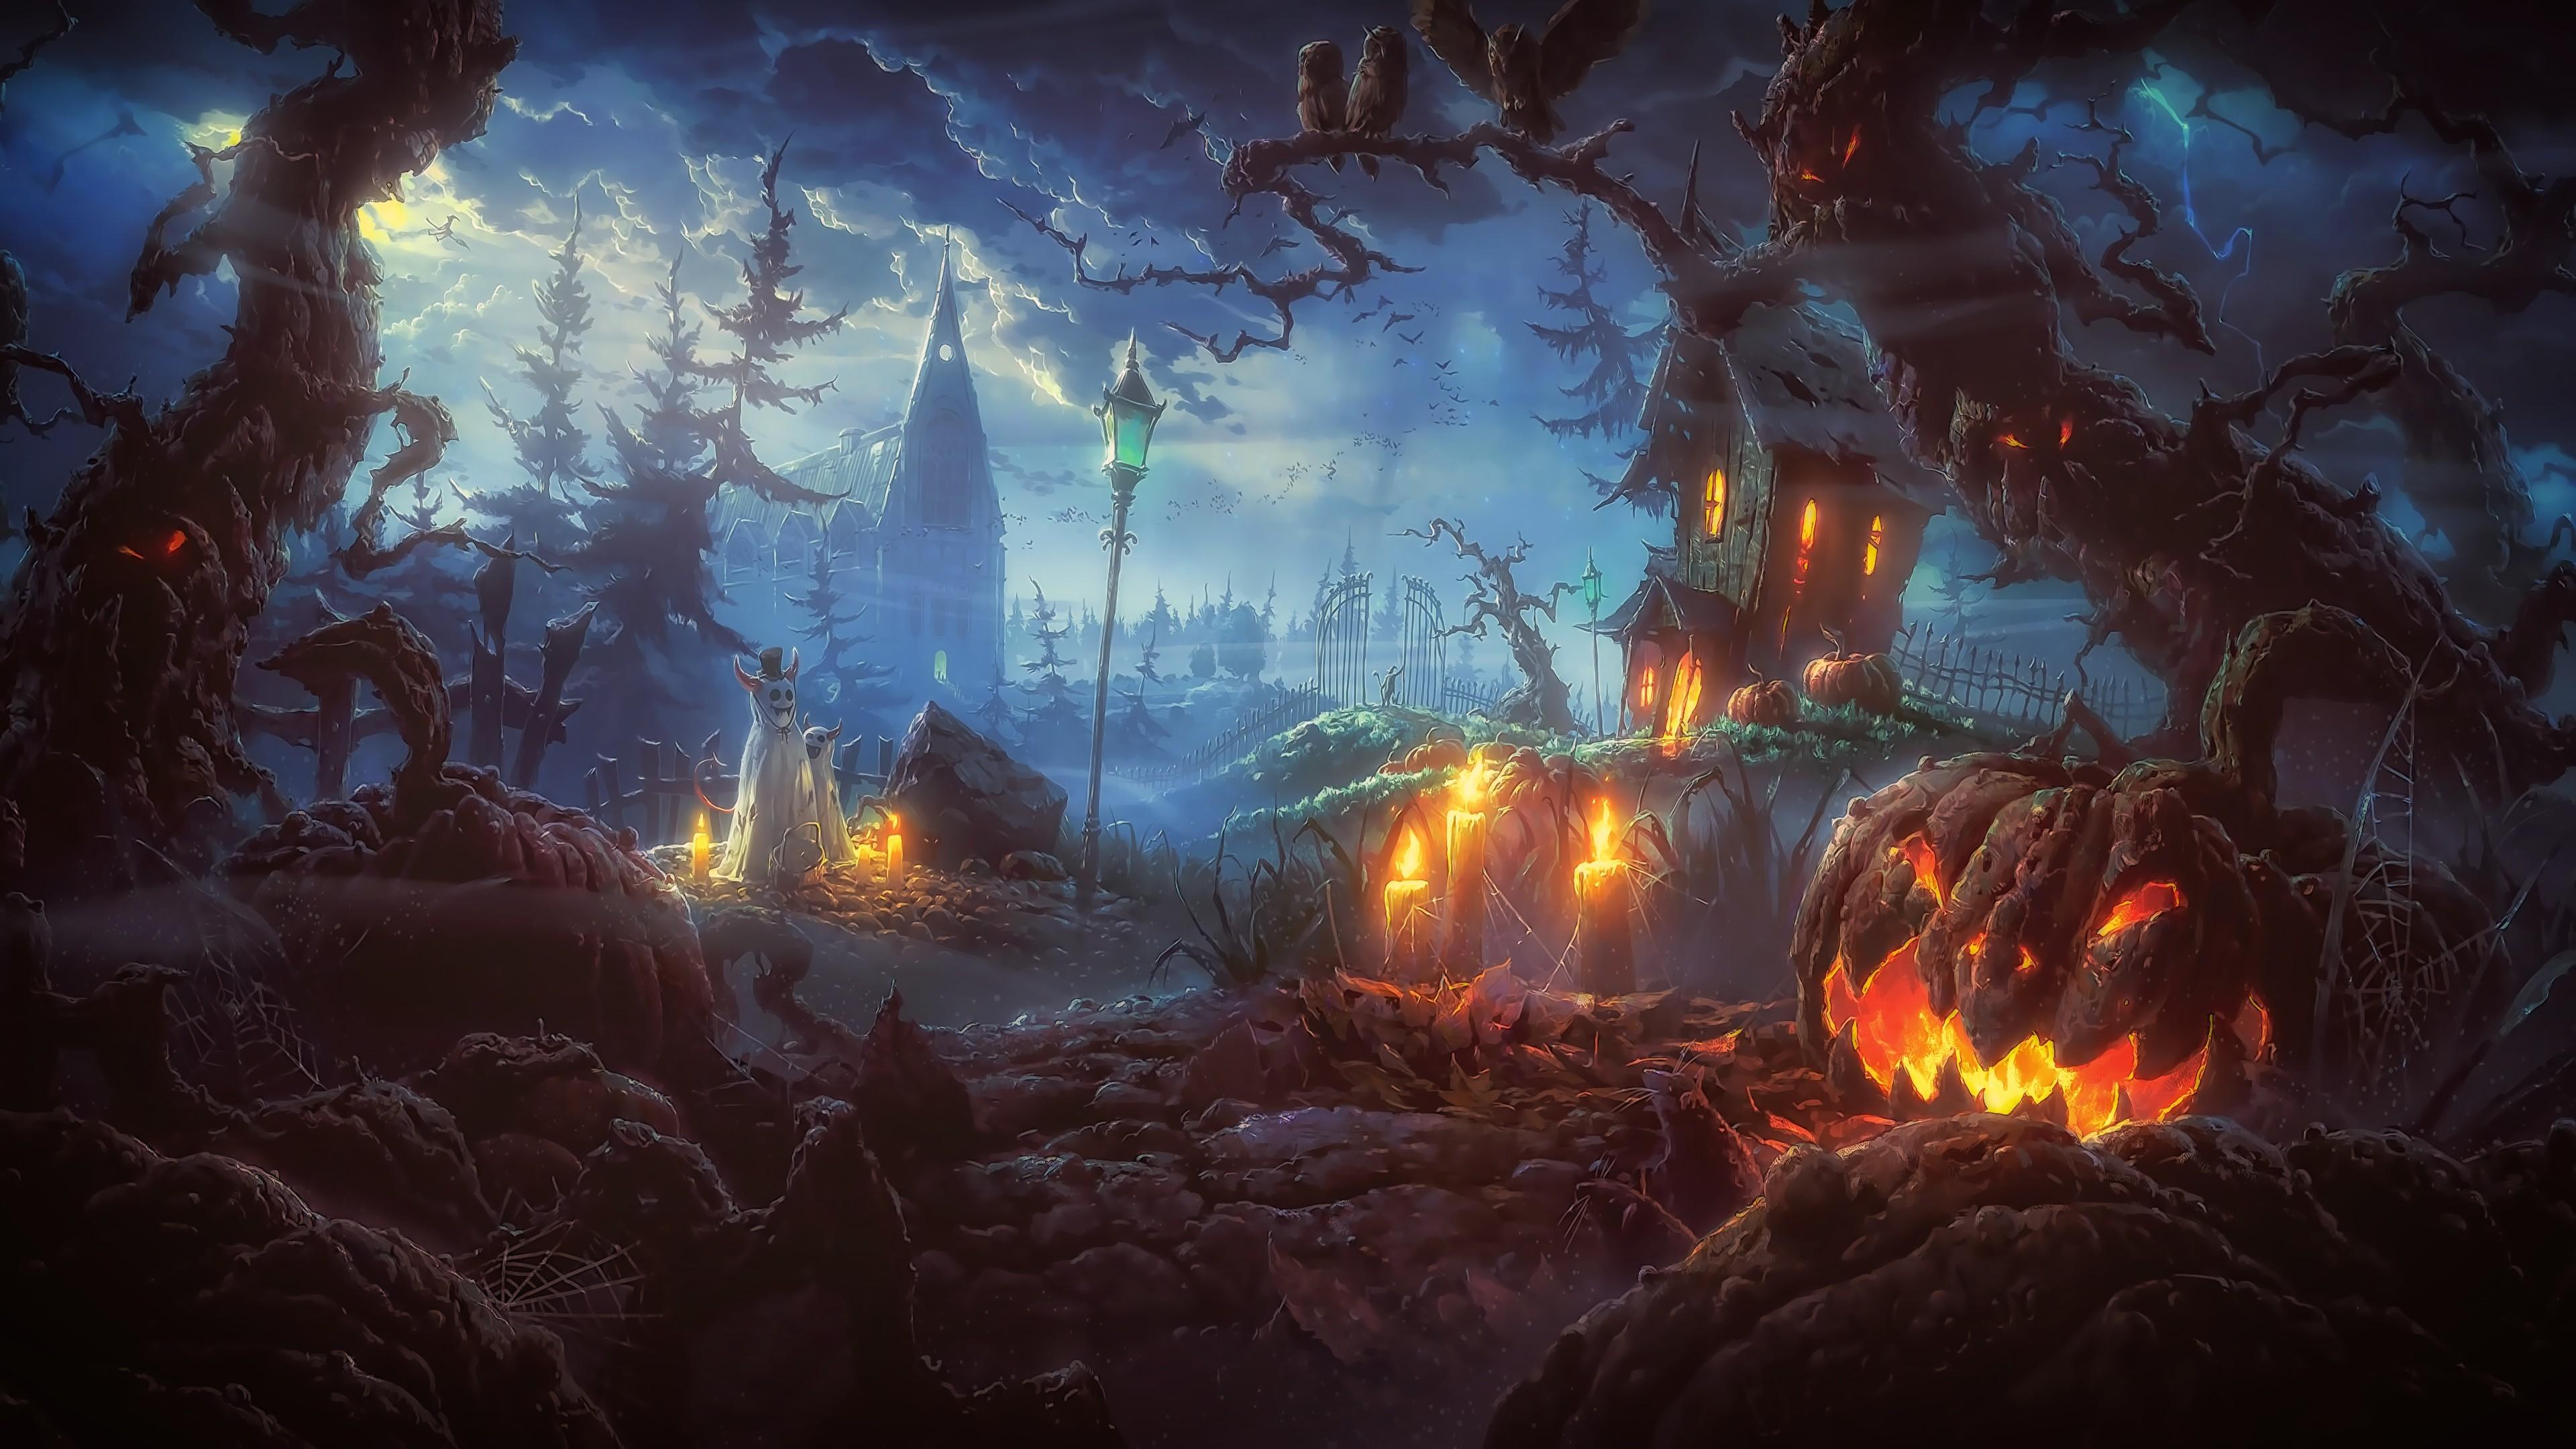 Halloween Spooky Wallpaper.Scary Halloween Desktop Backgrounds 62 Pictures